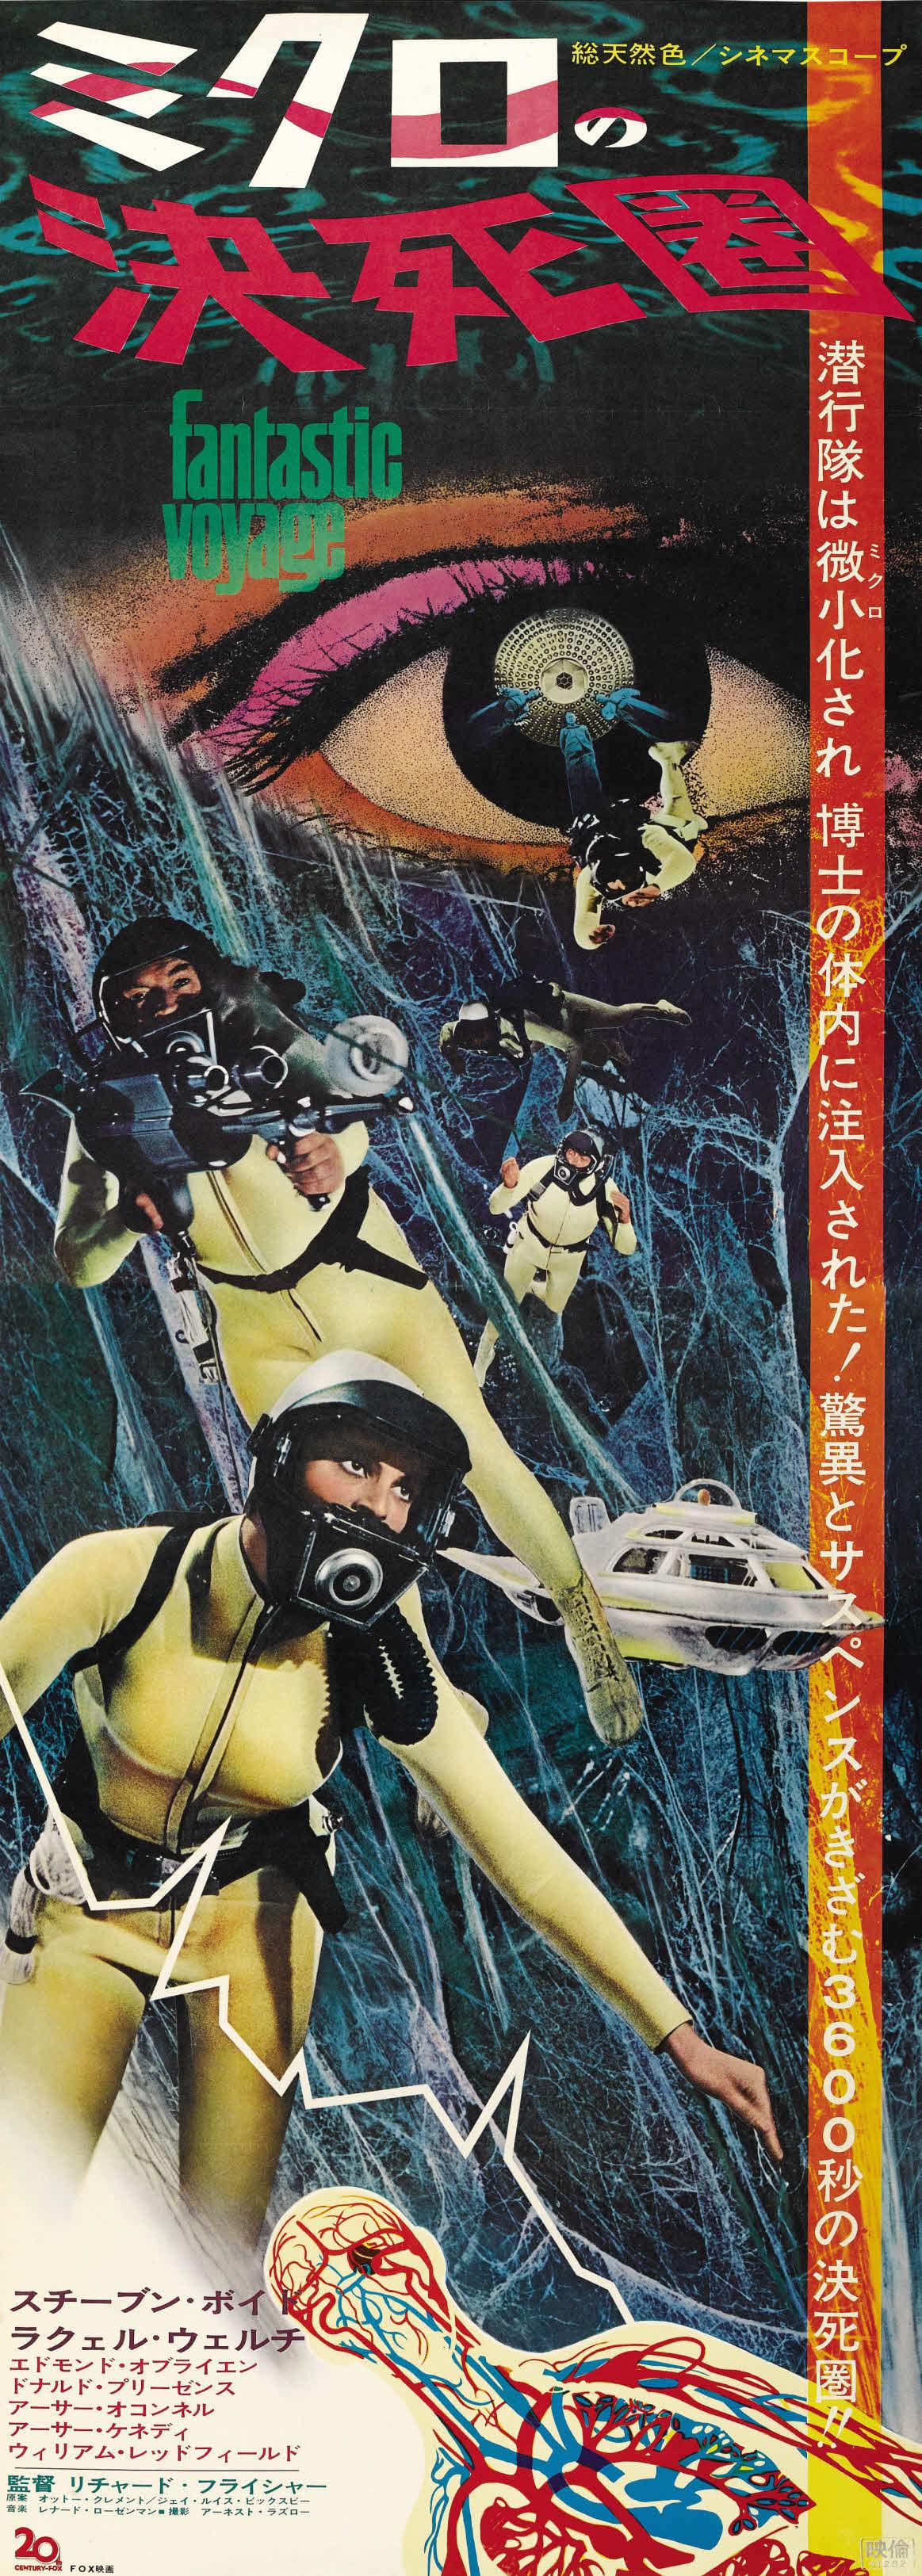 плакат фильма баннер Фантастическое путешествие